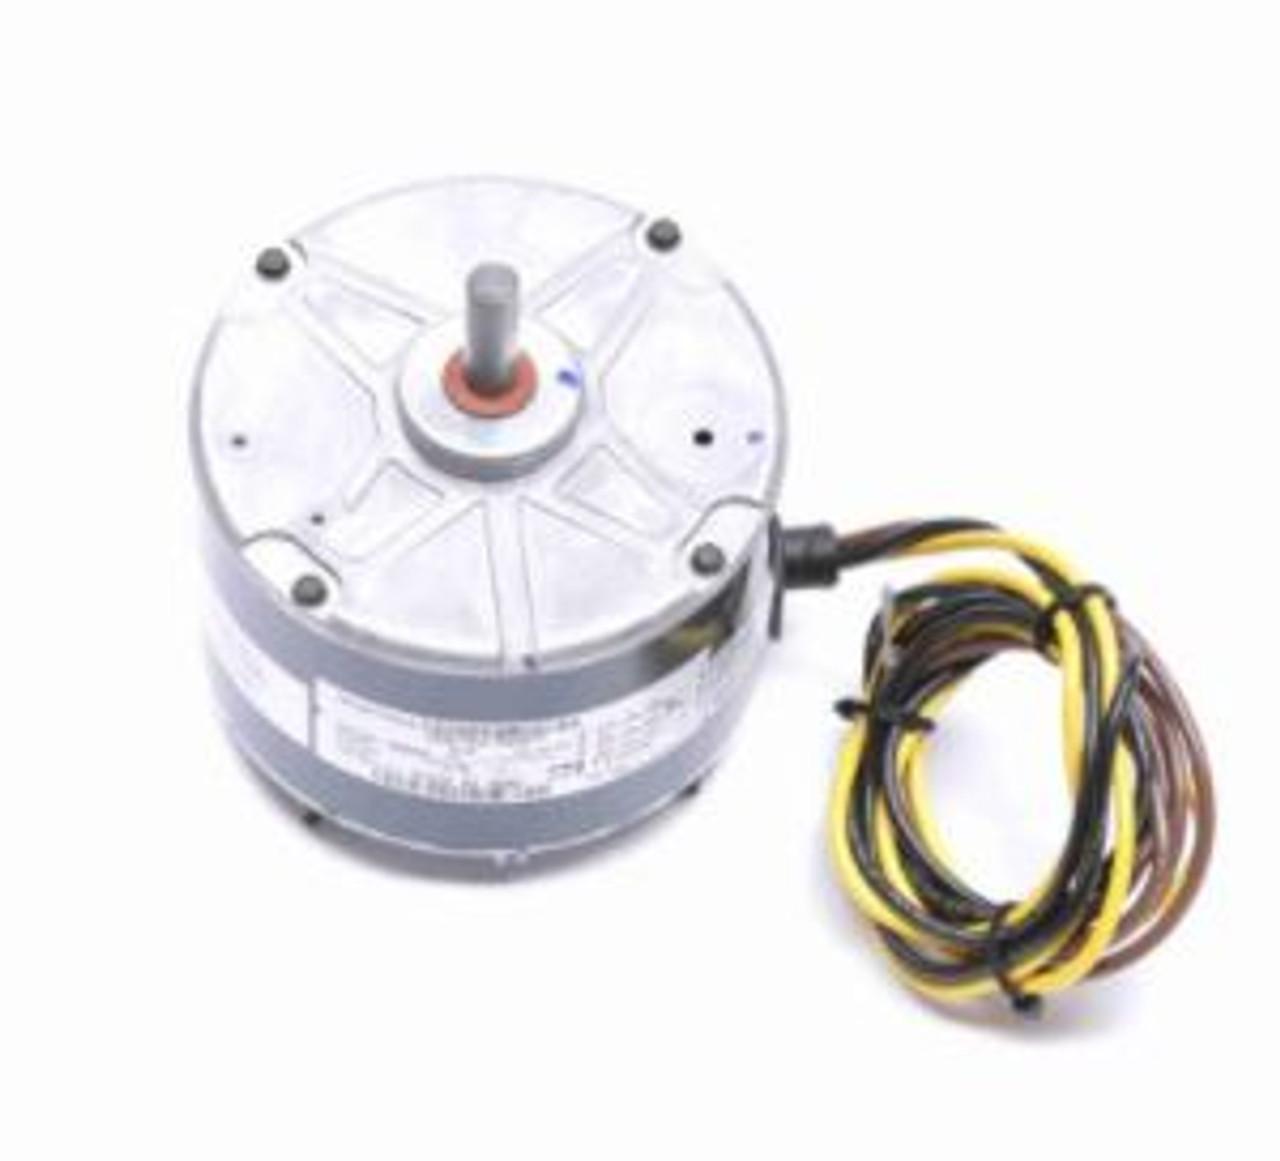 G3908 OEM Replacement Motor